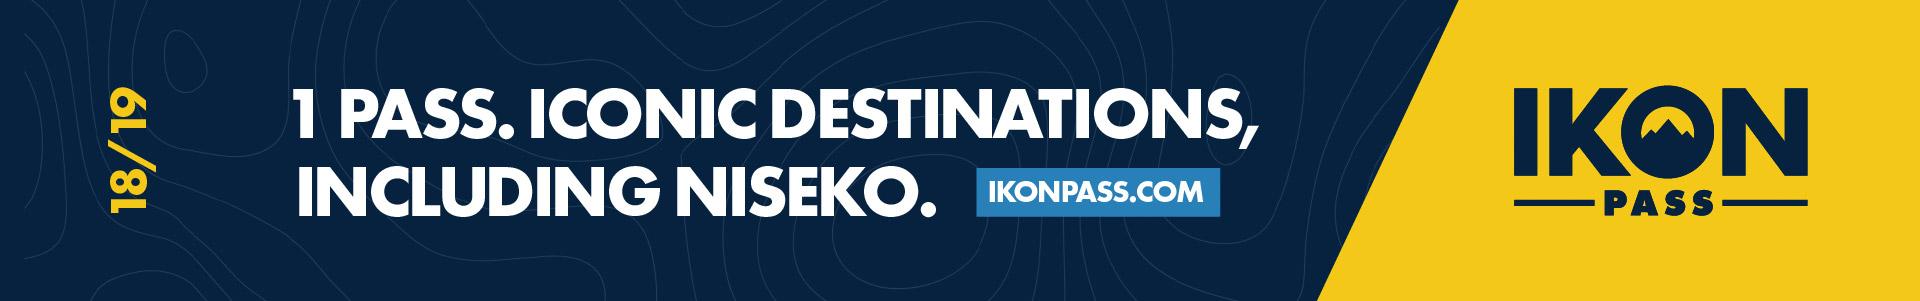 ニセコユナイテッドが Ikon Pass に加盟しました